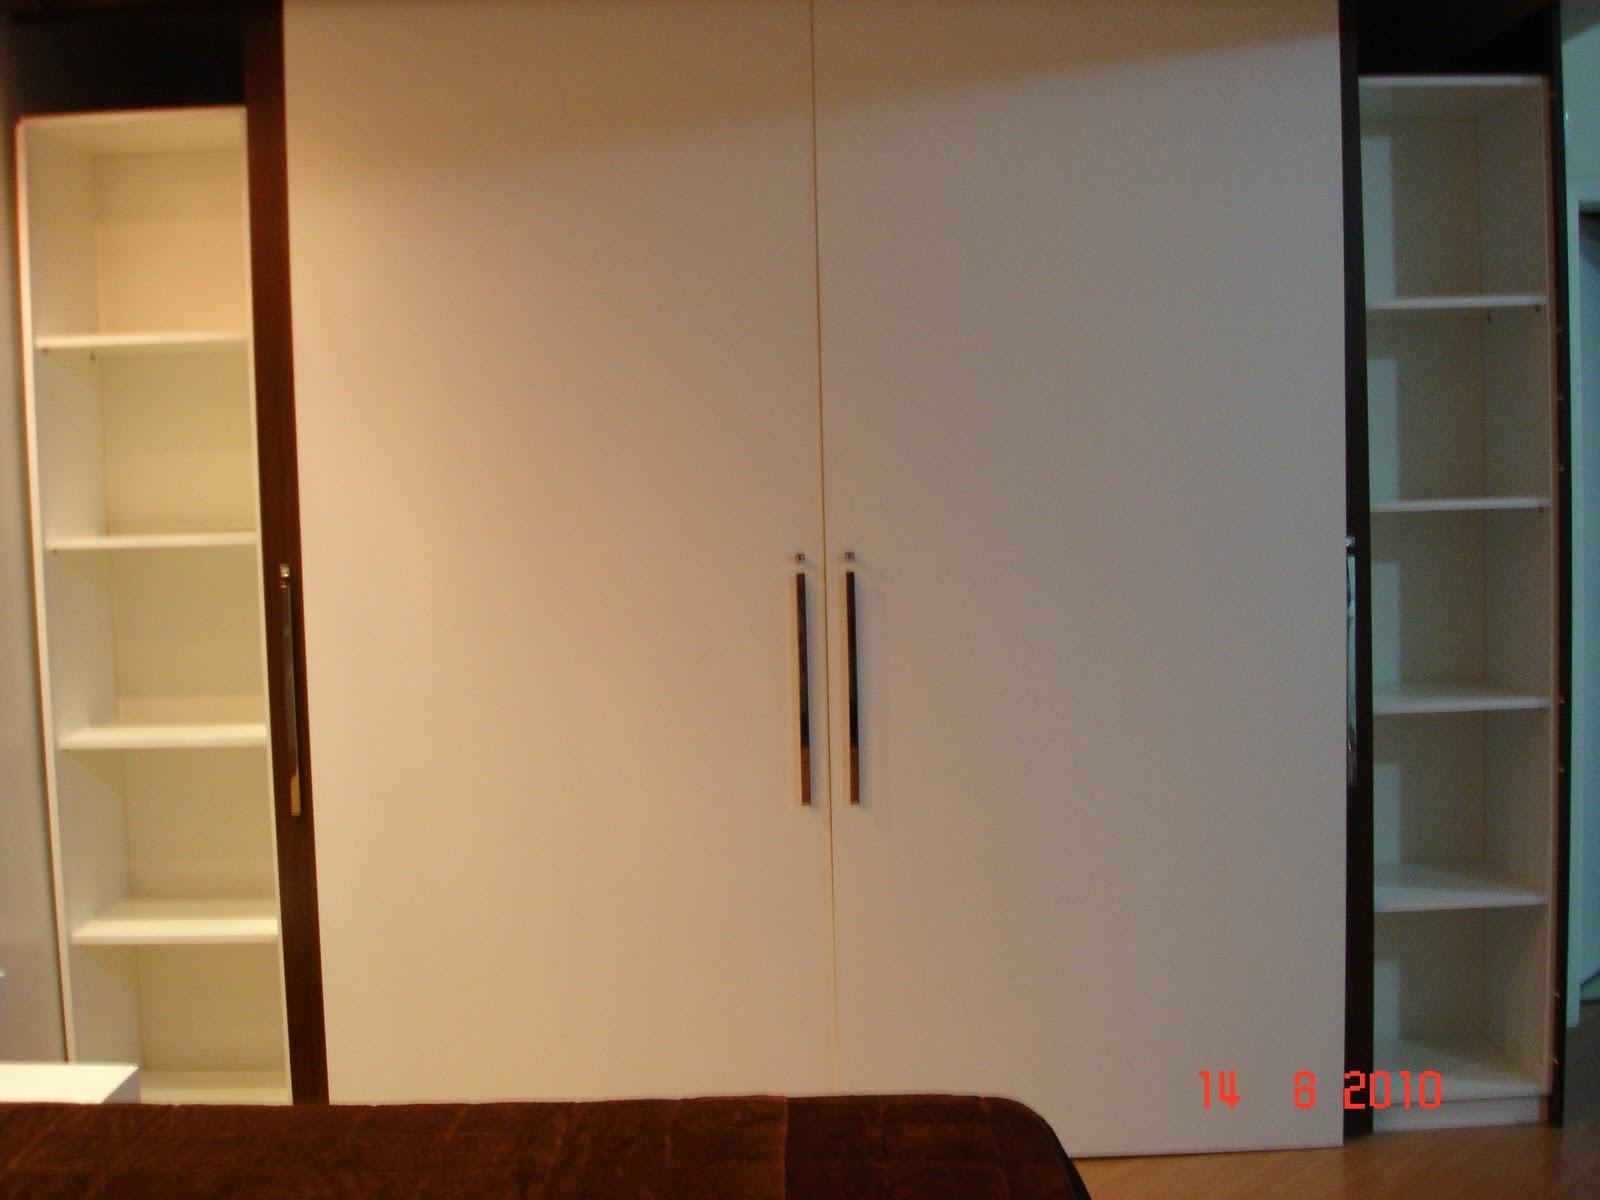 roupas de cama e duas portas grandes de acesso ao seu interior #BF950C 1600x1200 Banheiro Com Duas Portas De Acesso